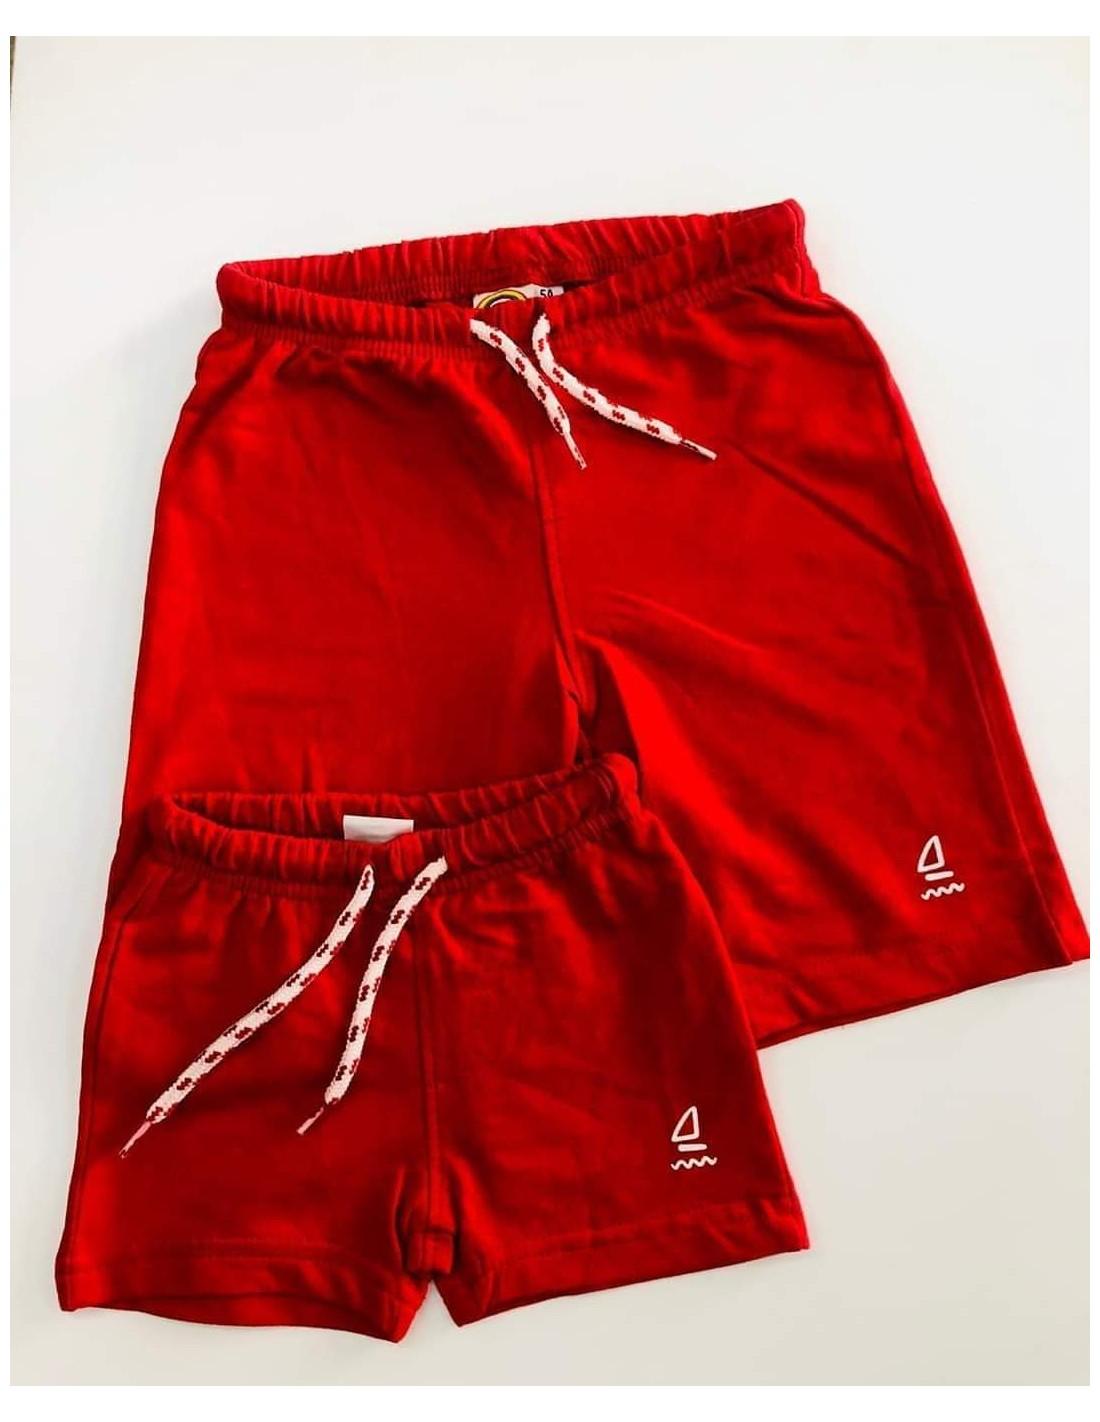 Pantalon Nino Algodon De 6 Meses A 5 Anos